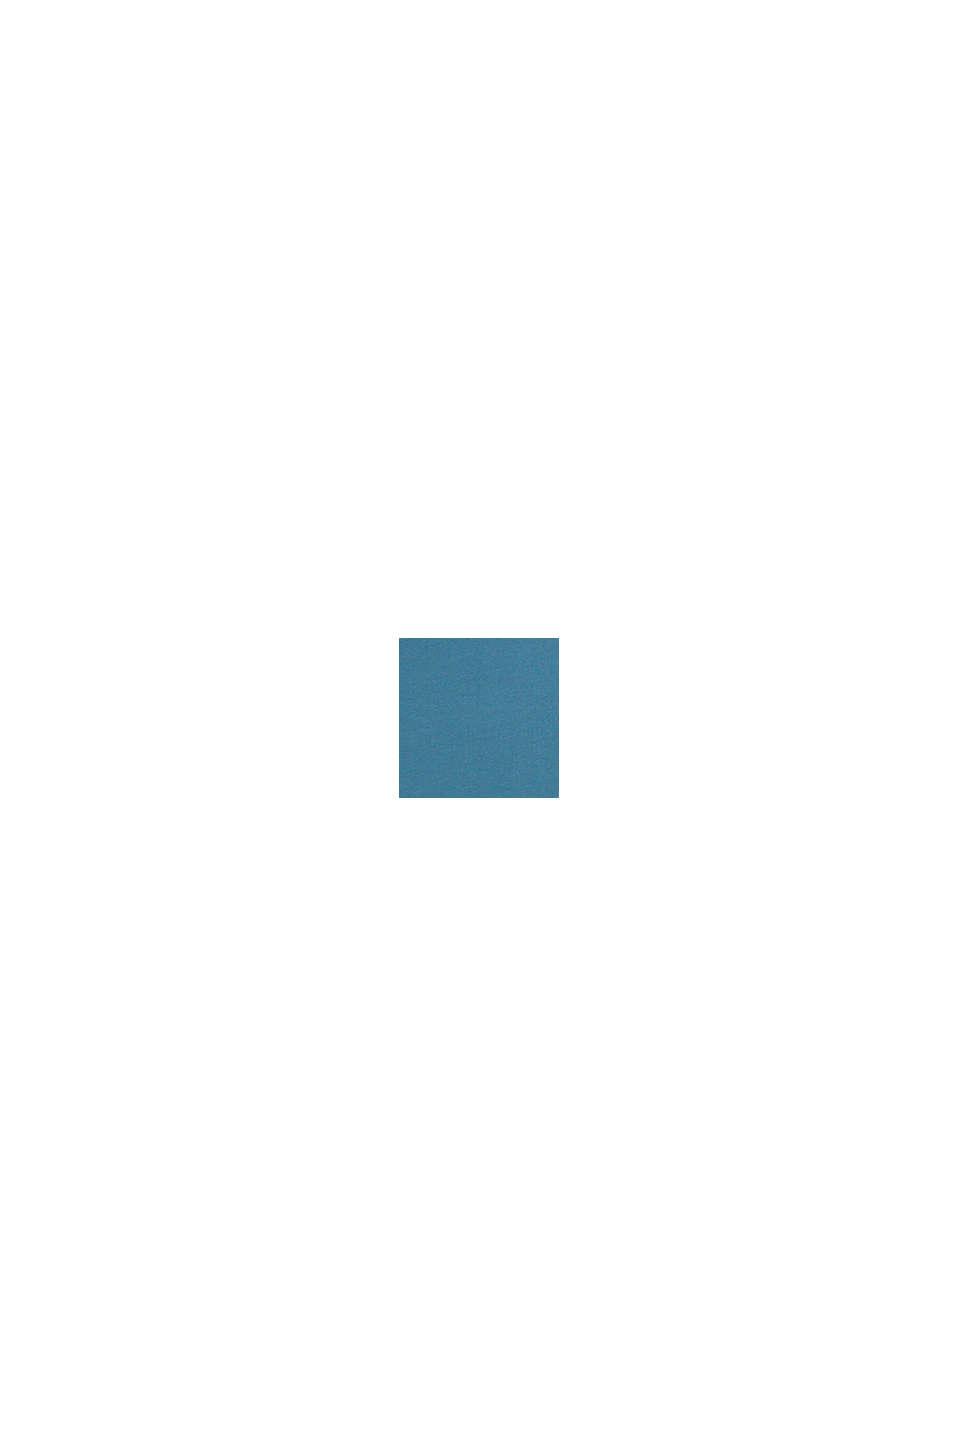 Jersey-Poloshirt aus 100% Baumwolle, GREY BLUE, swatch